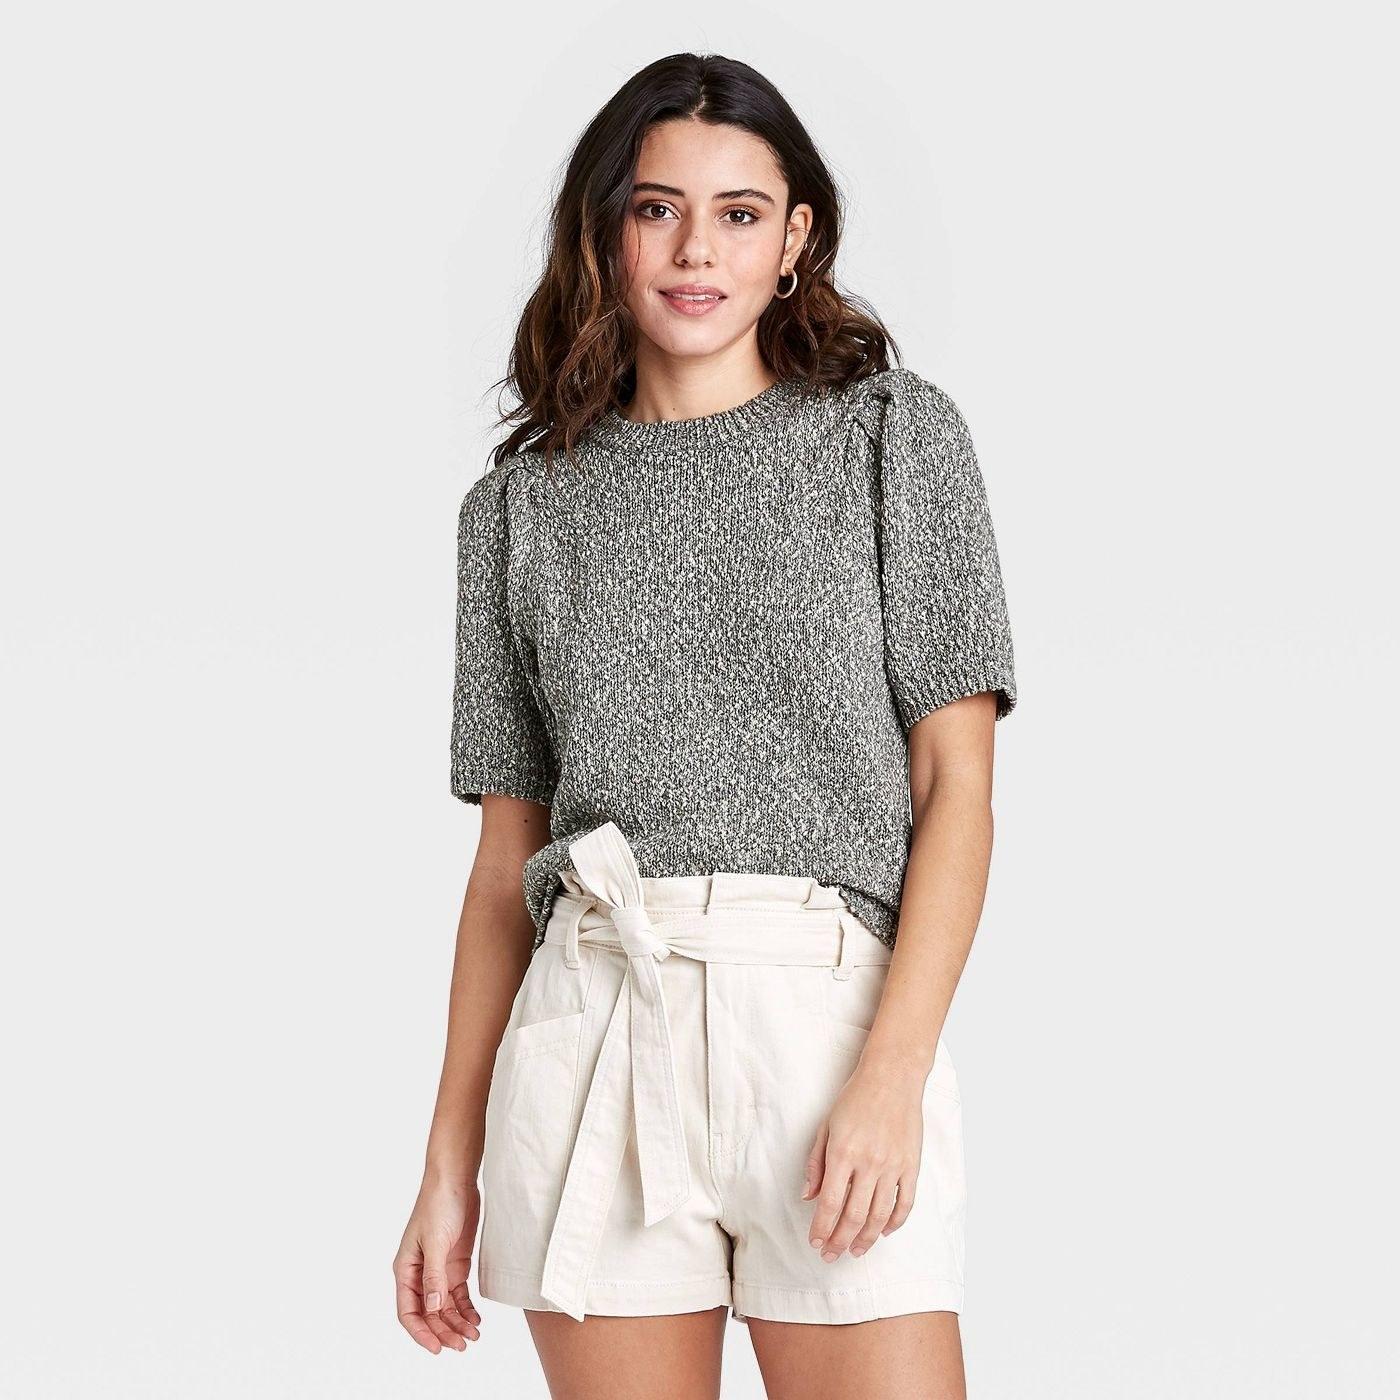 Model wearing short sleeve gray sweater